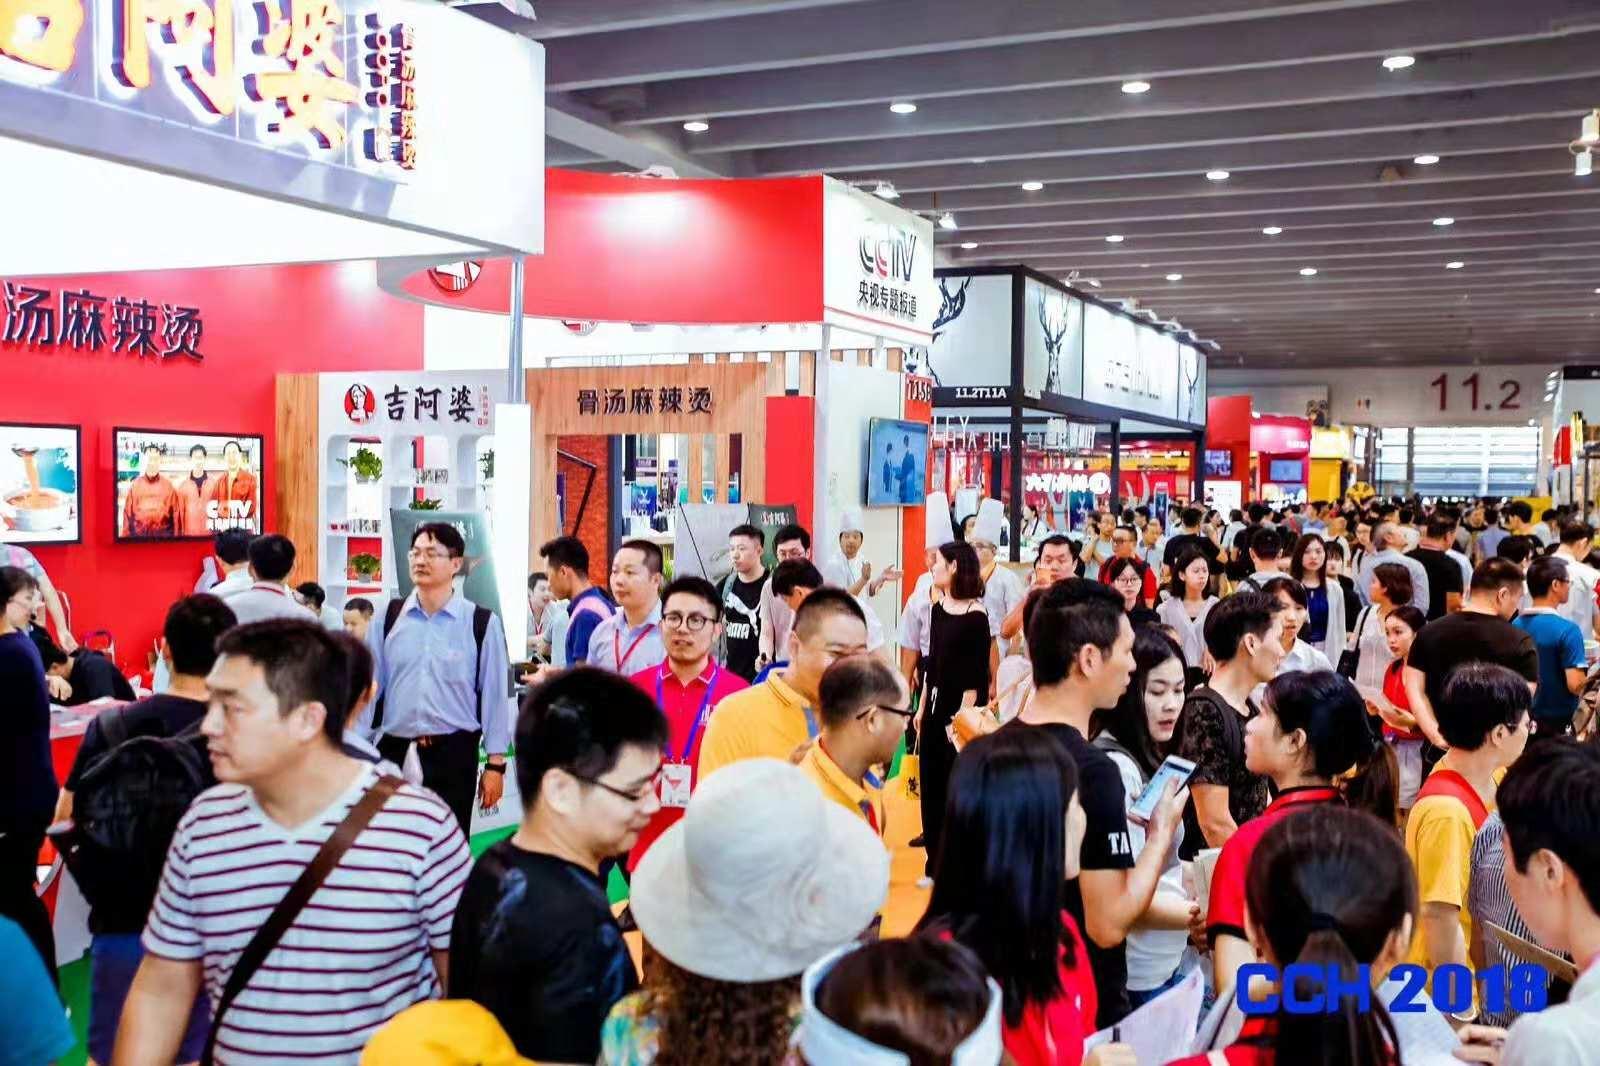 广州餐饮加盟展览会2019、8、23-25_4